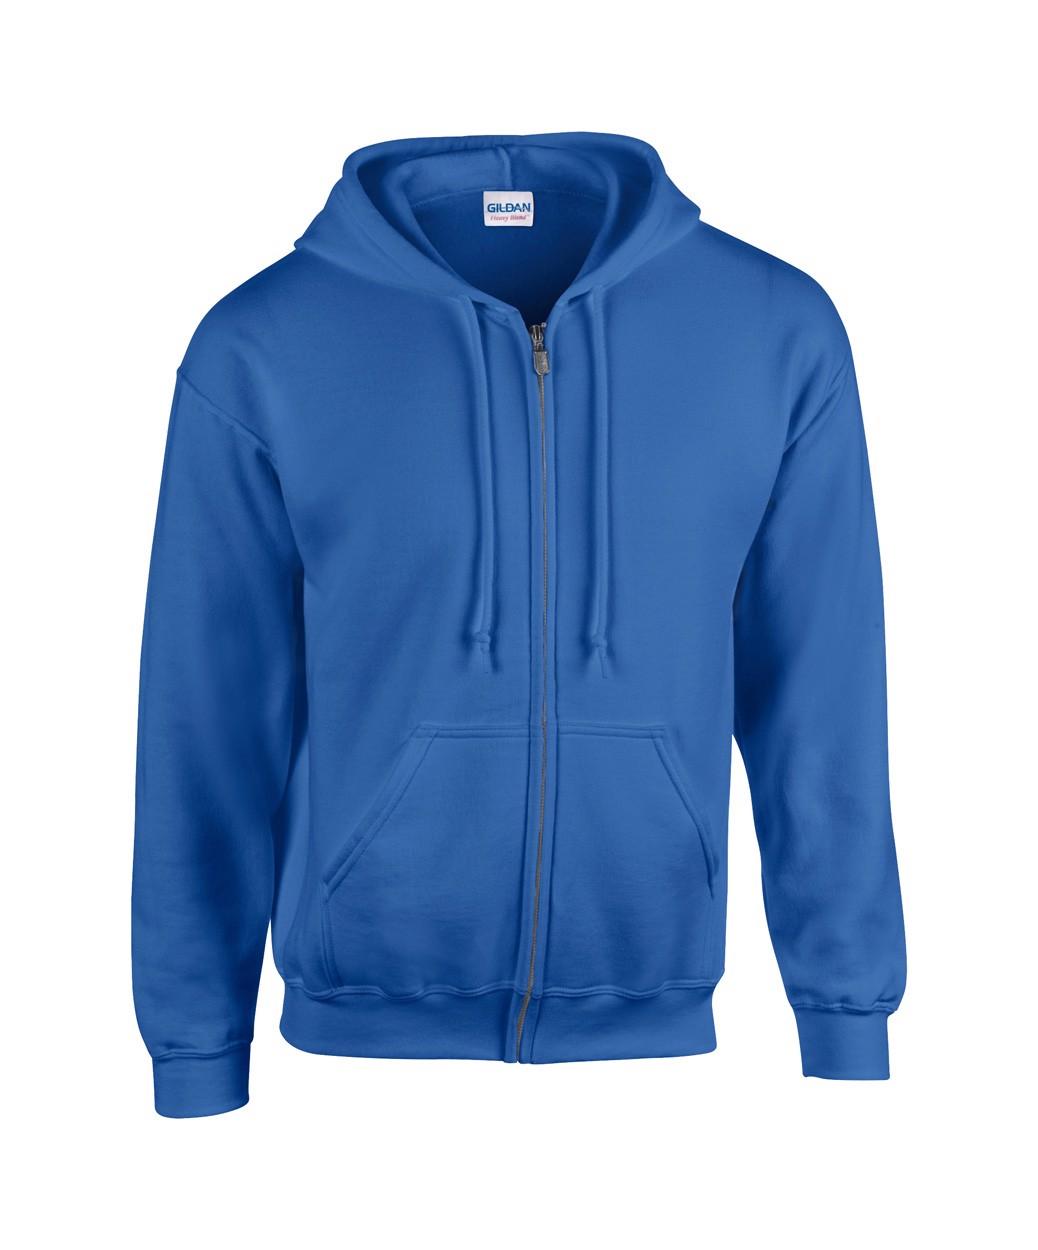 Sweatshirt HB Zip Hooded - Blue / L